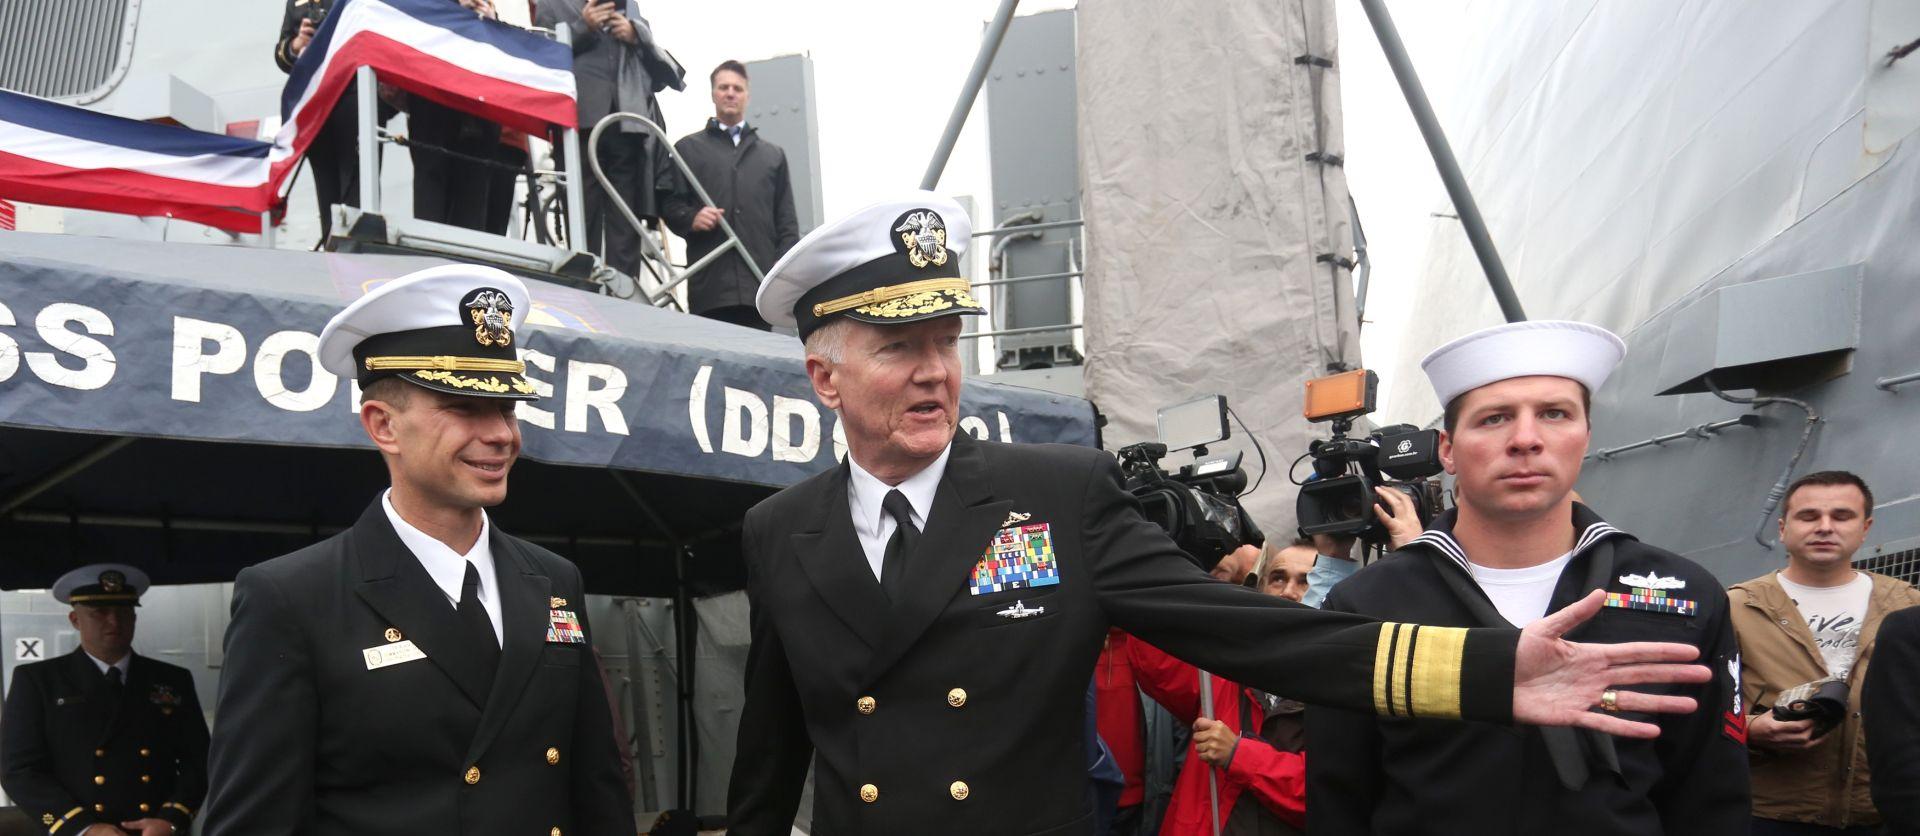 POSJET HRVATSKOJ: Odlična suradnja HRM-a i američke Ratne mornarice na Jadranu i Sredozemlju